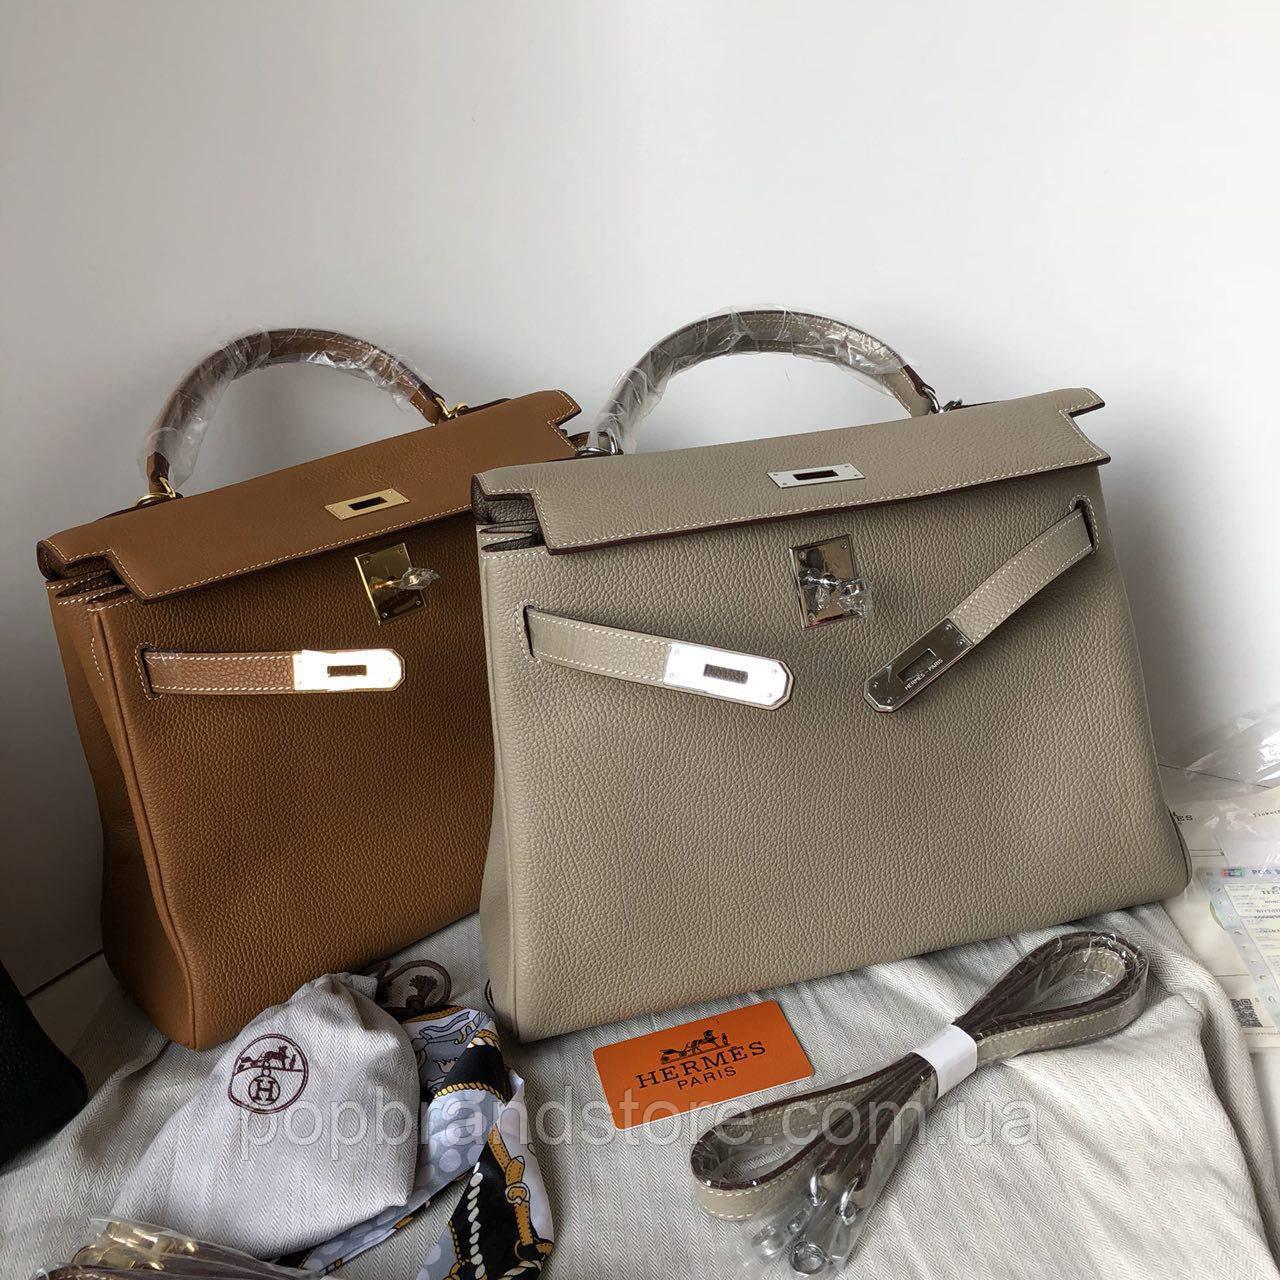 1f24d89df091 Женская сумка Гермес келли 32 см серая (реплика): продажа, цена в ...